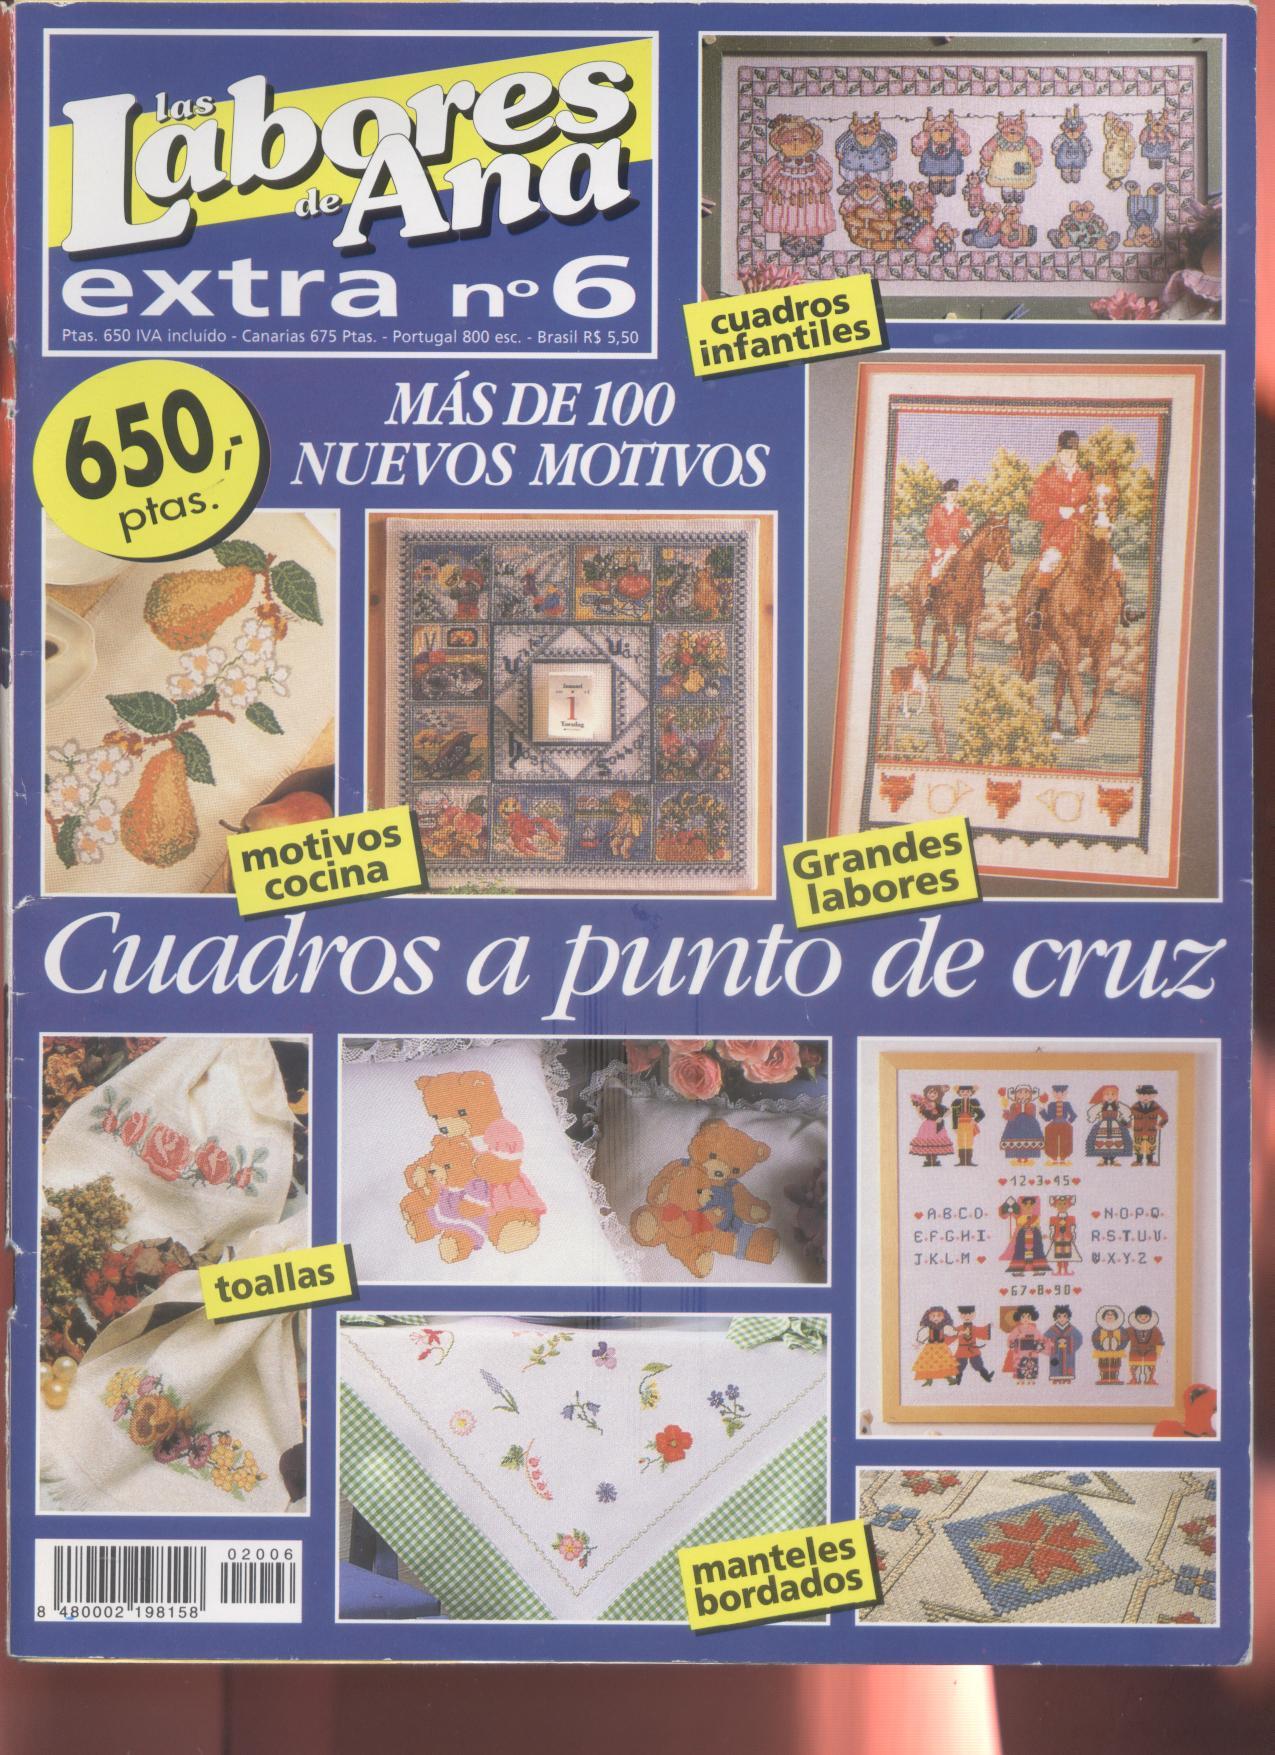 Punto de cruz labores de ana m s de 100 nuevos motivos cuadros toallas manteles - Labores en punto de cruz ...